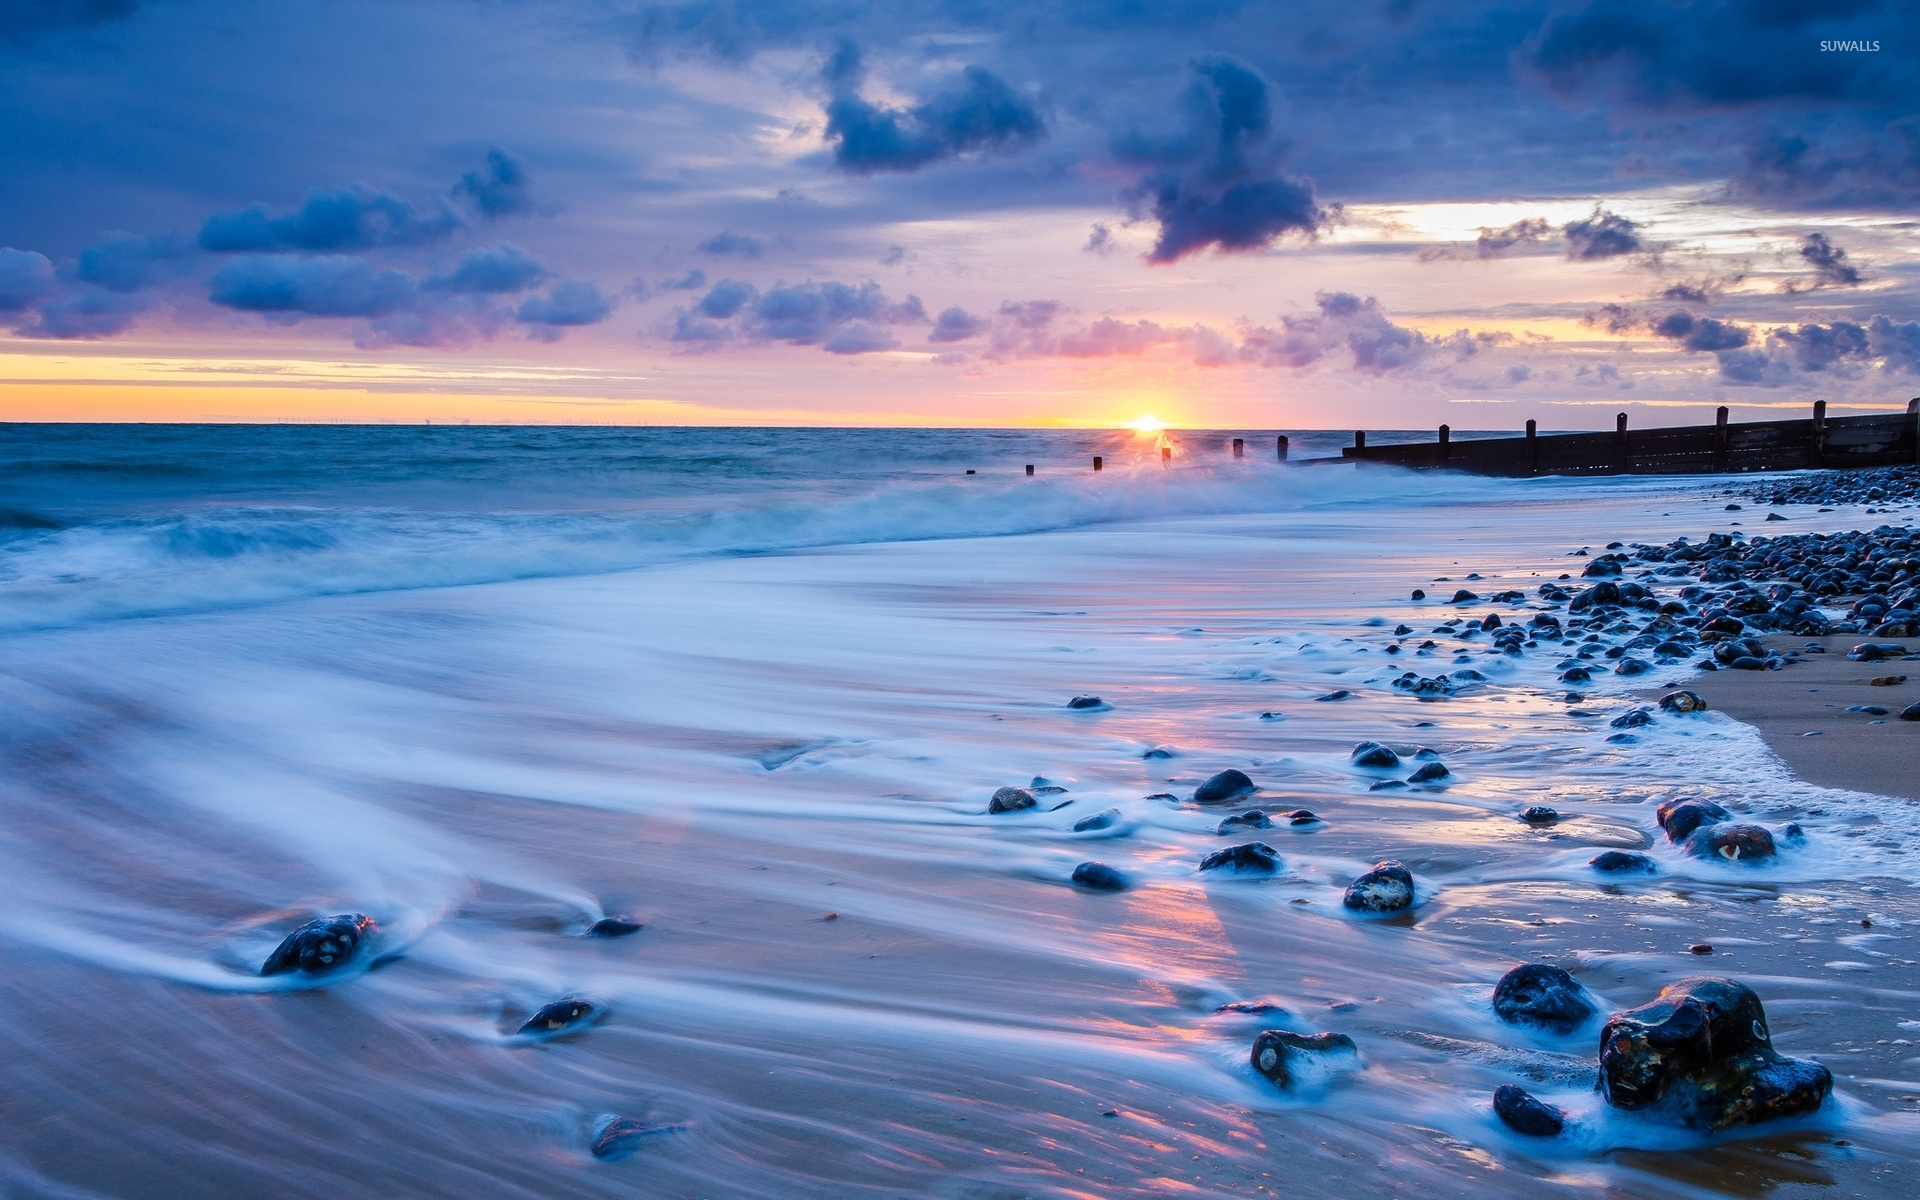 rocks on a sandy